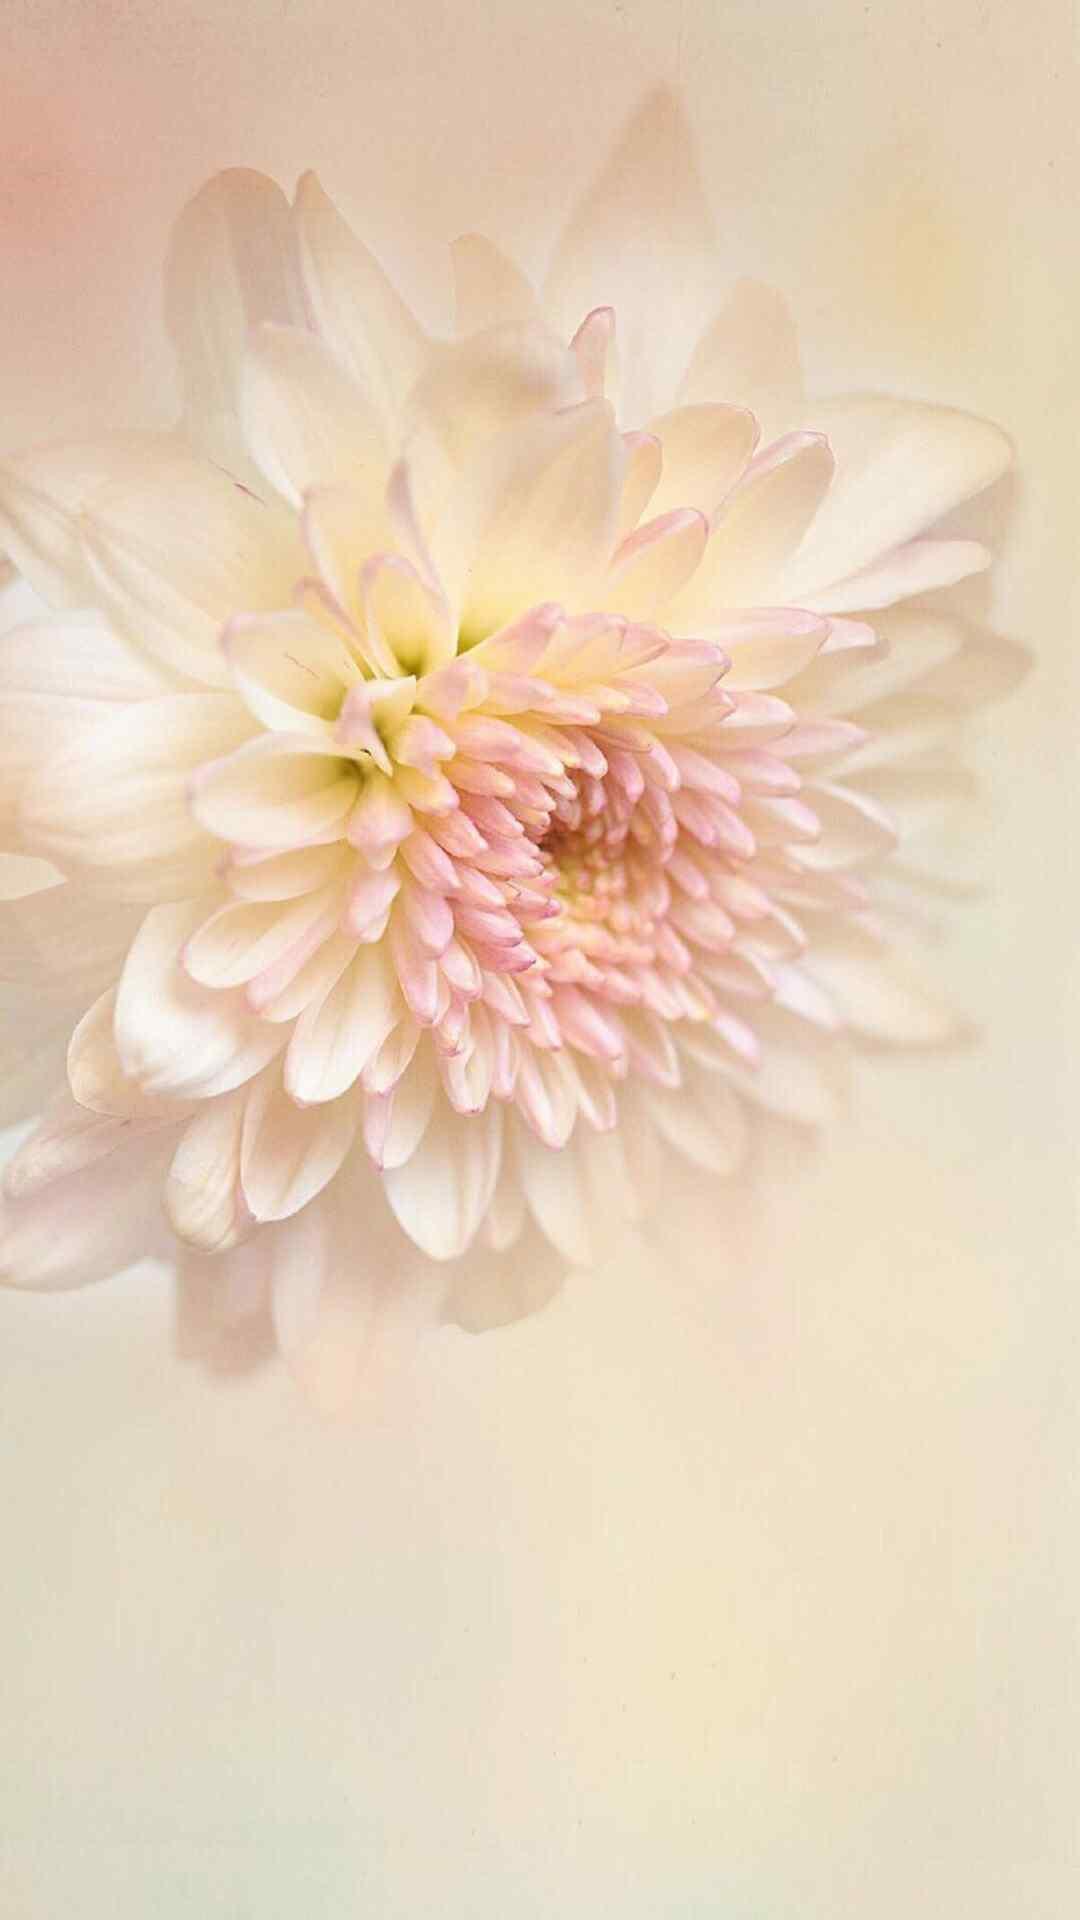 静态唯美花朵植物